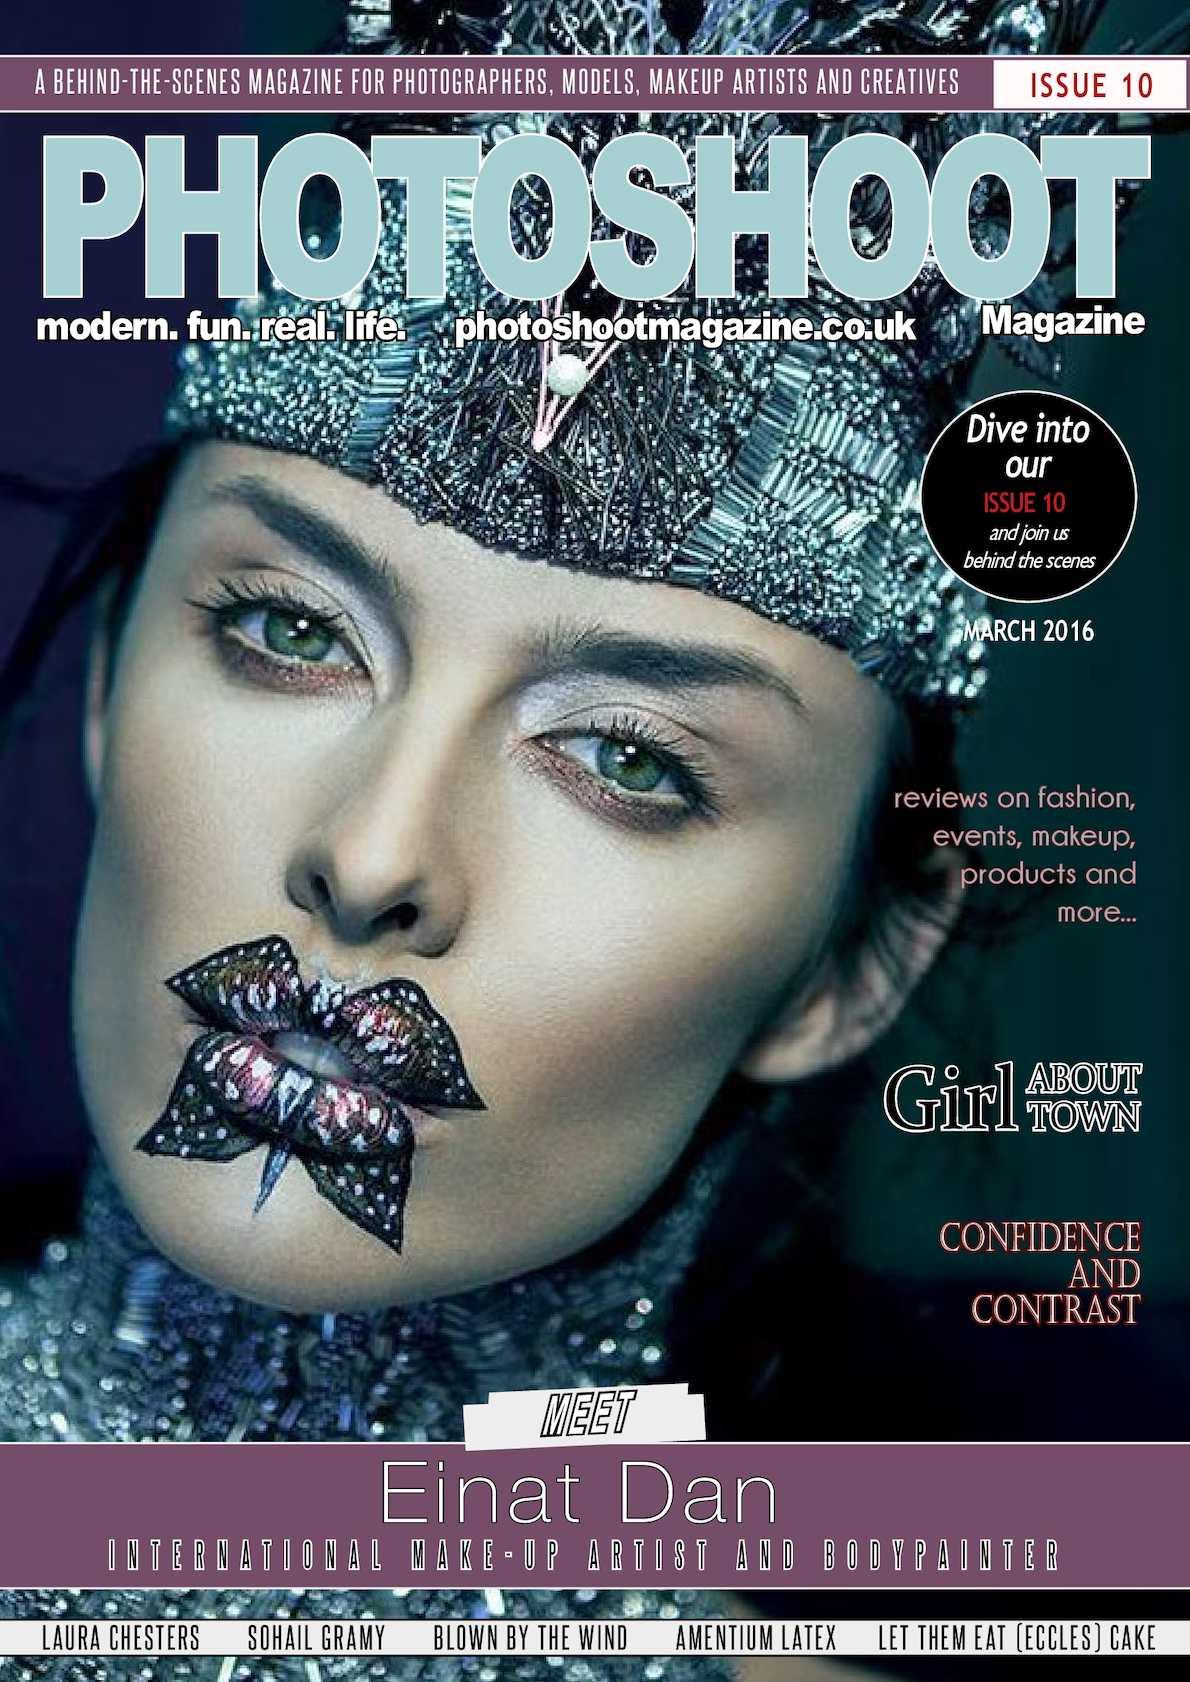 PHOTOSHOOT Magazine